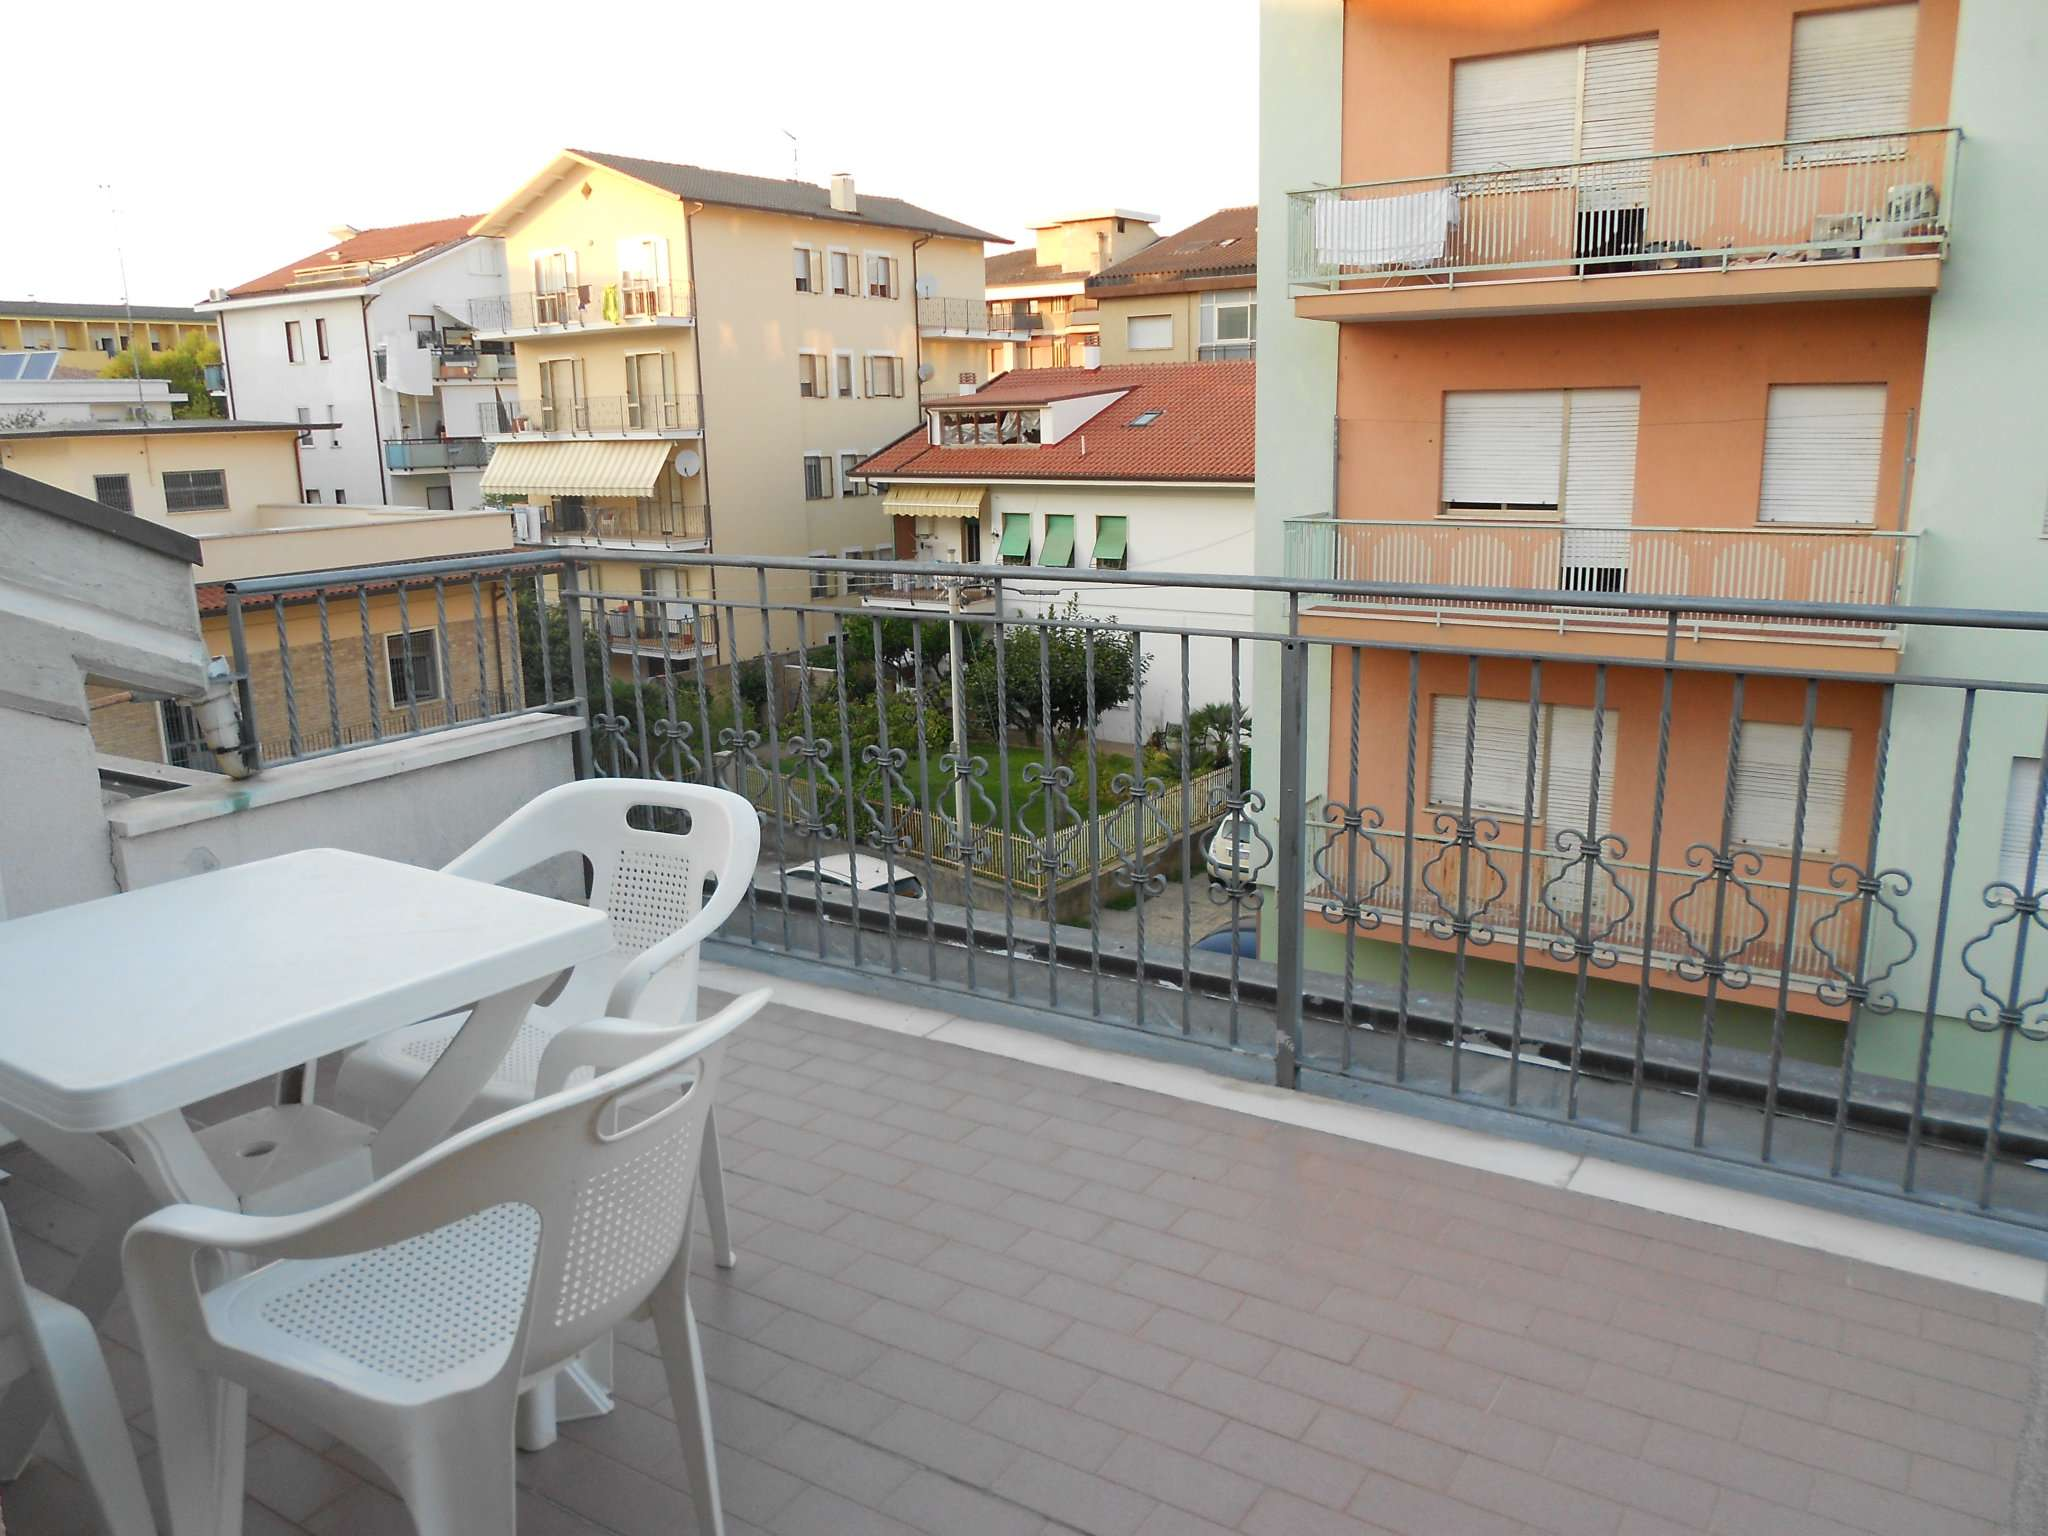 Attico / Mansarda in affitto a Francavilla al Mare, 3 locali, prezzo € 350 | CambioCasa.it